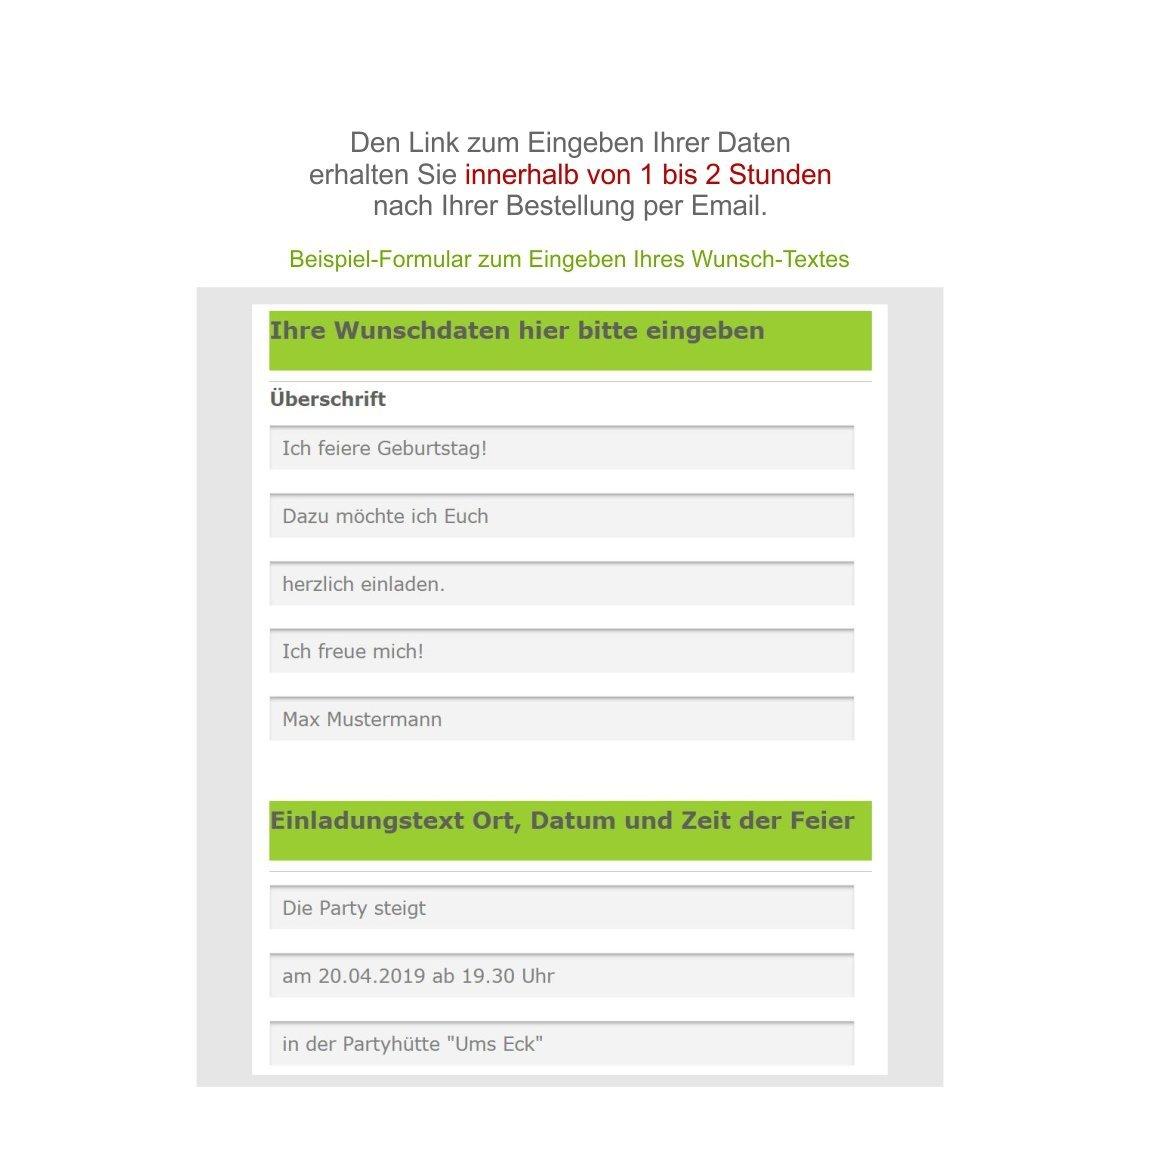 Unser-Festtag Moderne Einladungen zum Geburtstag Geburtstag Geburtstag mit Spruch - coole, lustige und witzige Karten - mit Wunschtext - 40 Karten - 17 x 12 cm B07D282YWM | Export  | Üppiges Design  | Speichern  2301cc